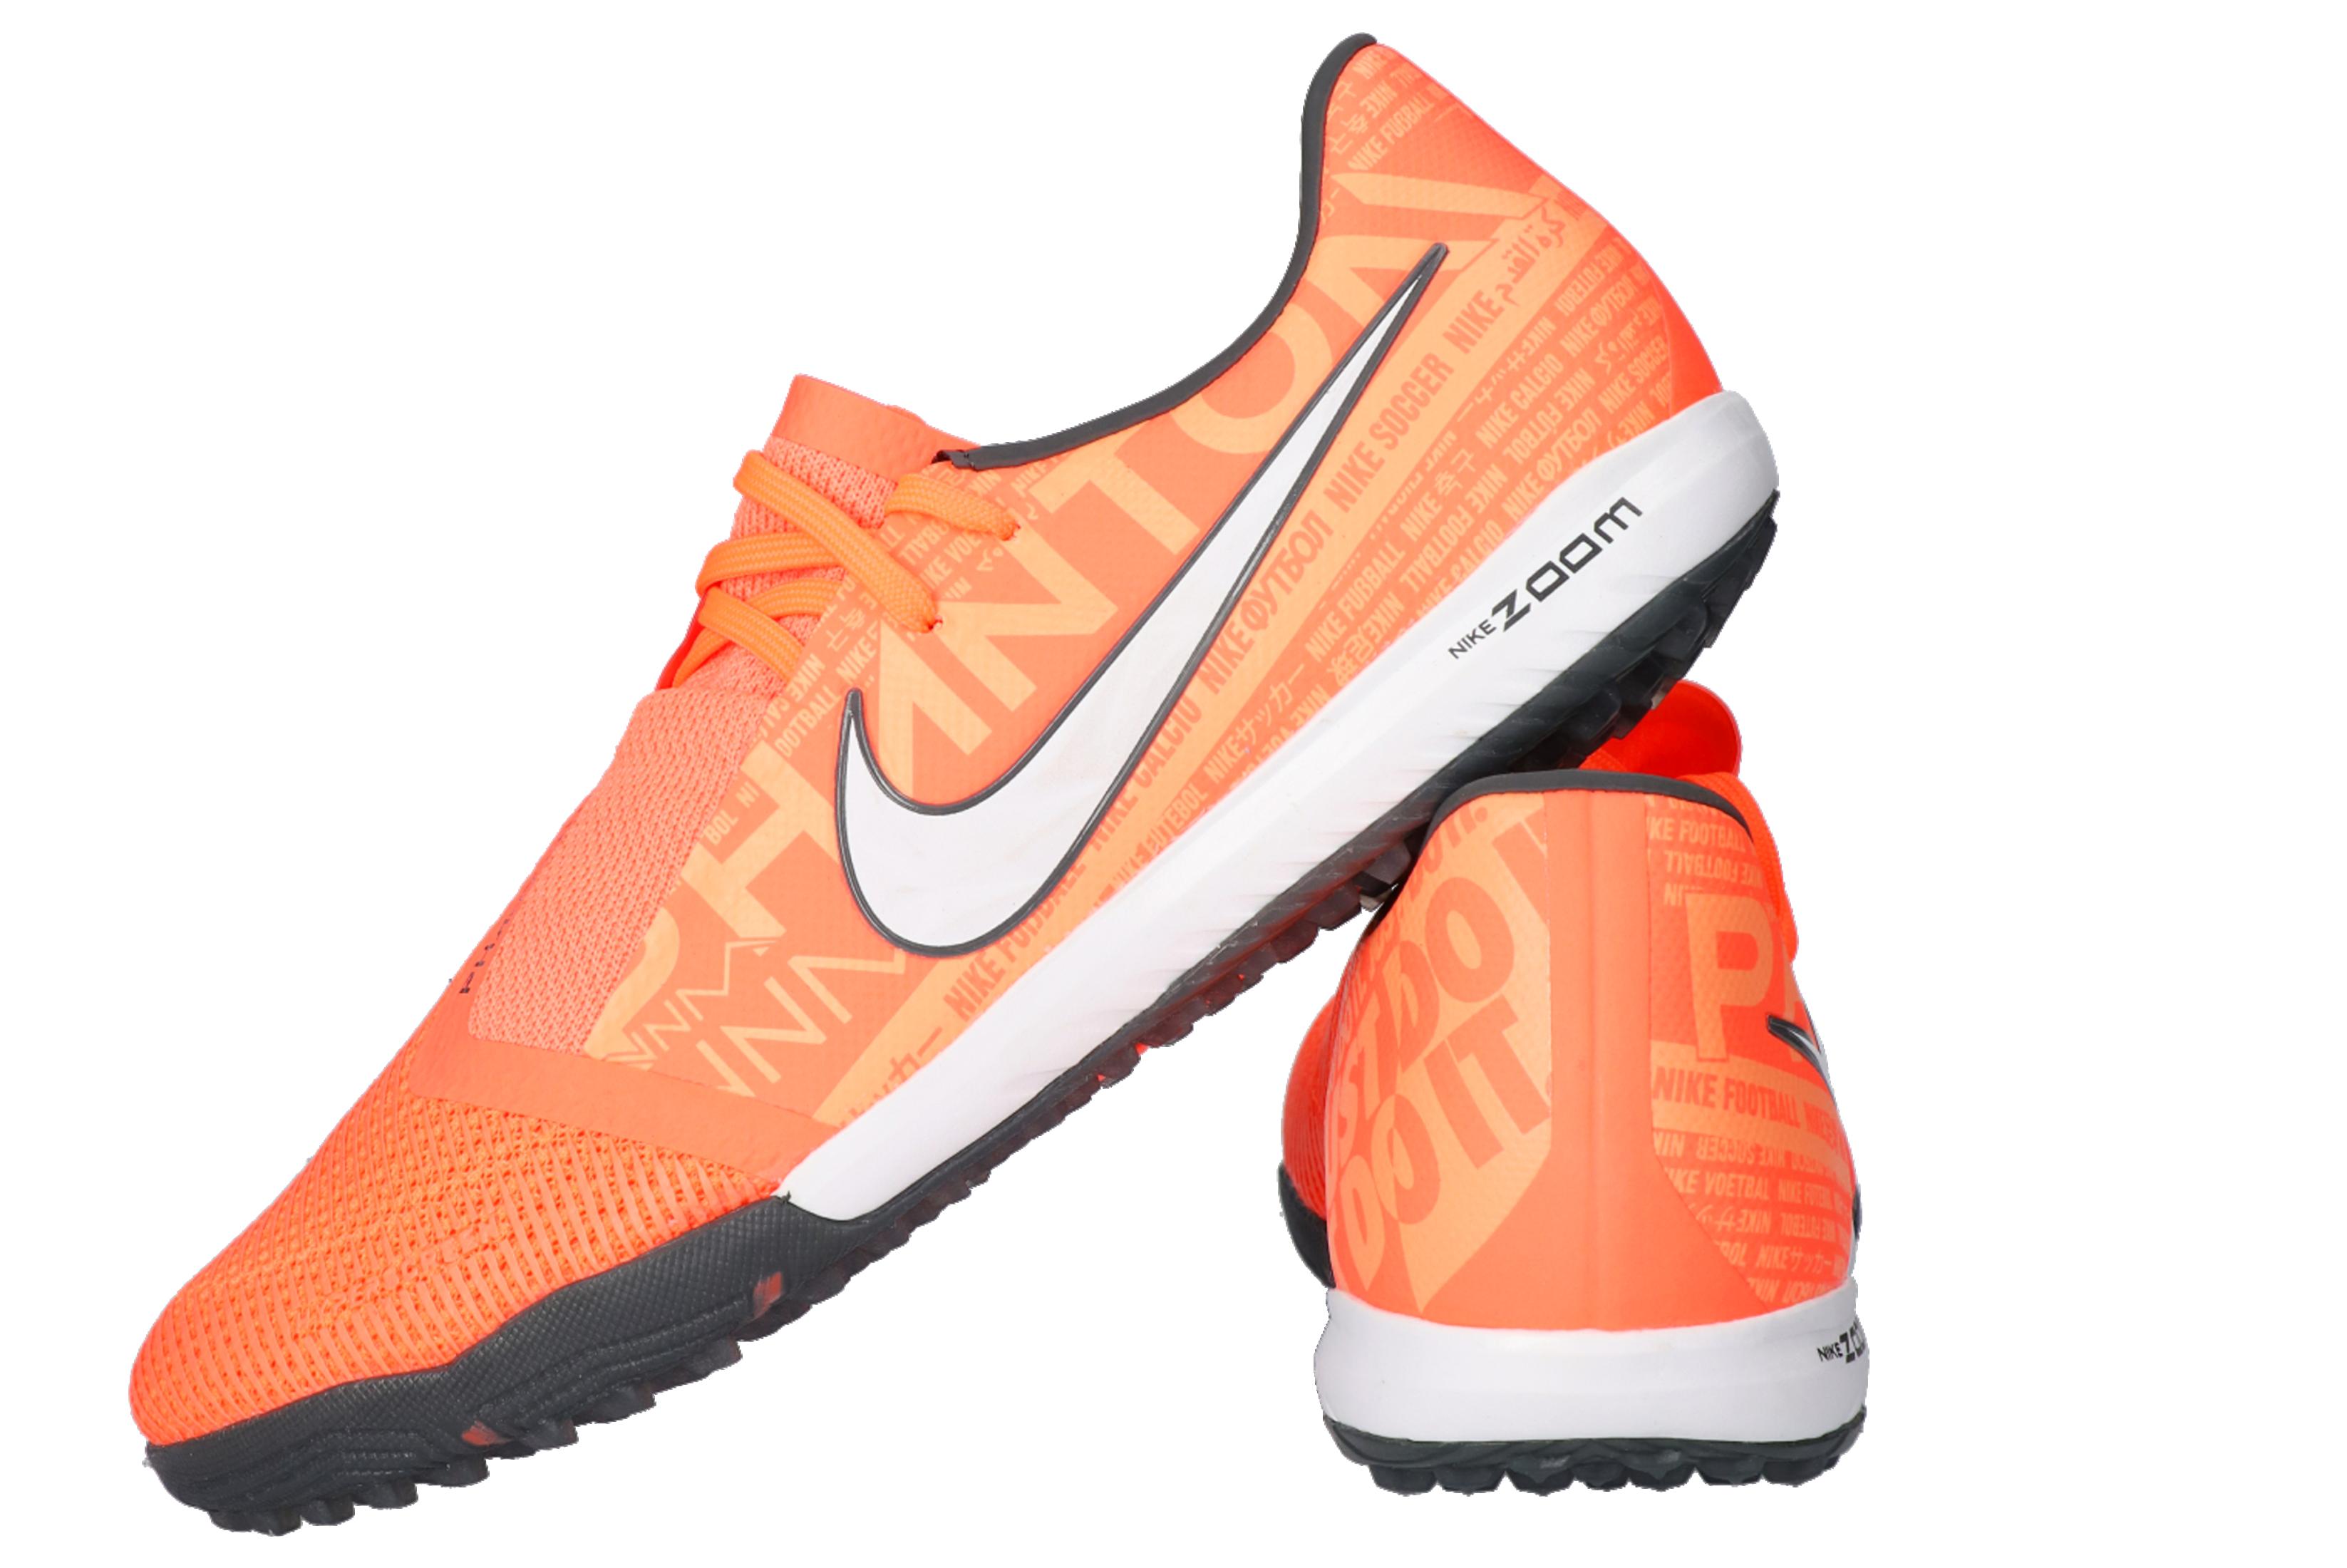 extremadamente sistema Danubio  Nike Zoom Phantom VNM Pro TF   R-GOL.com - Football boots & equipment